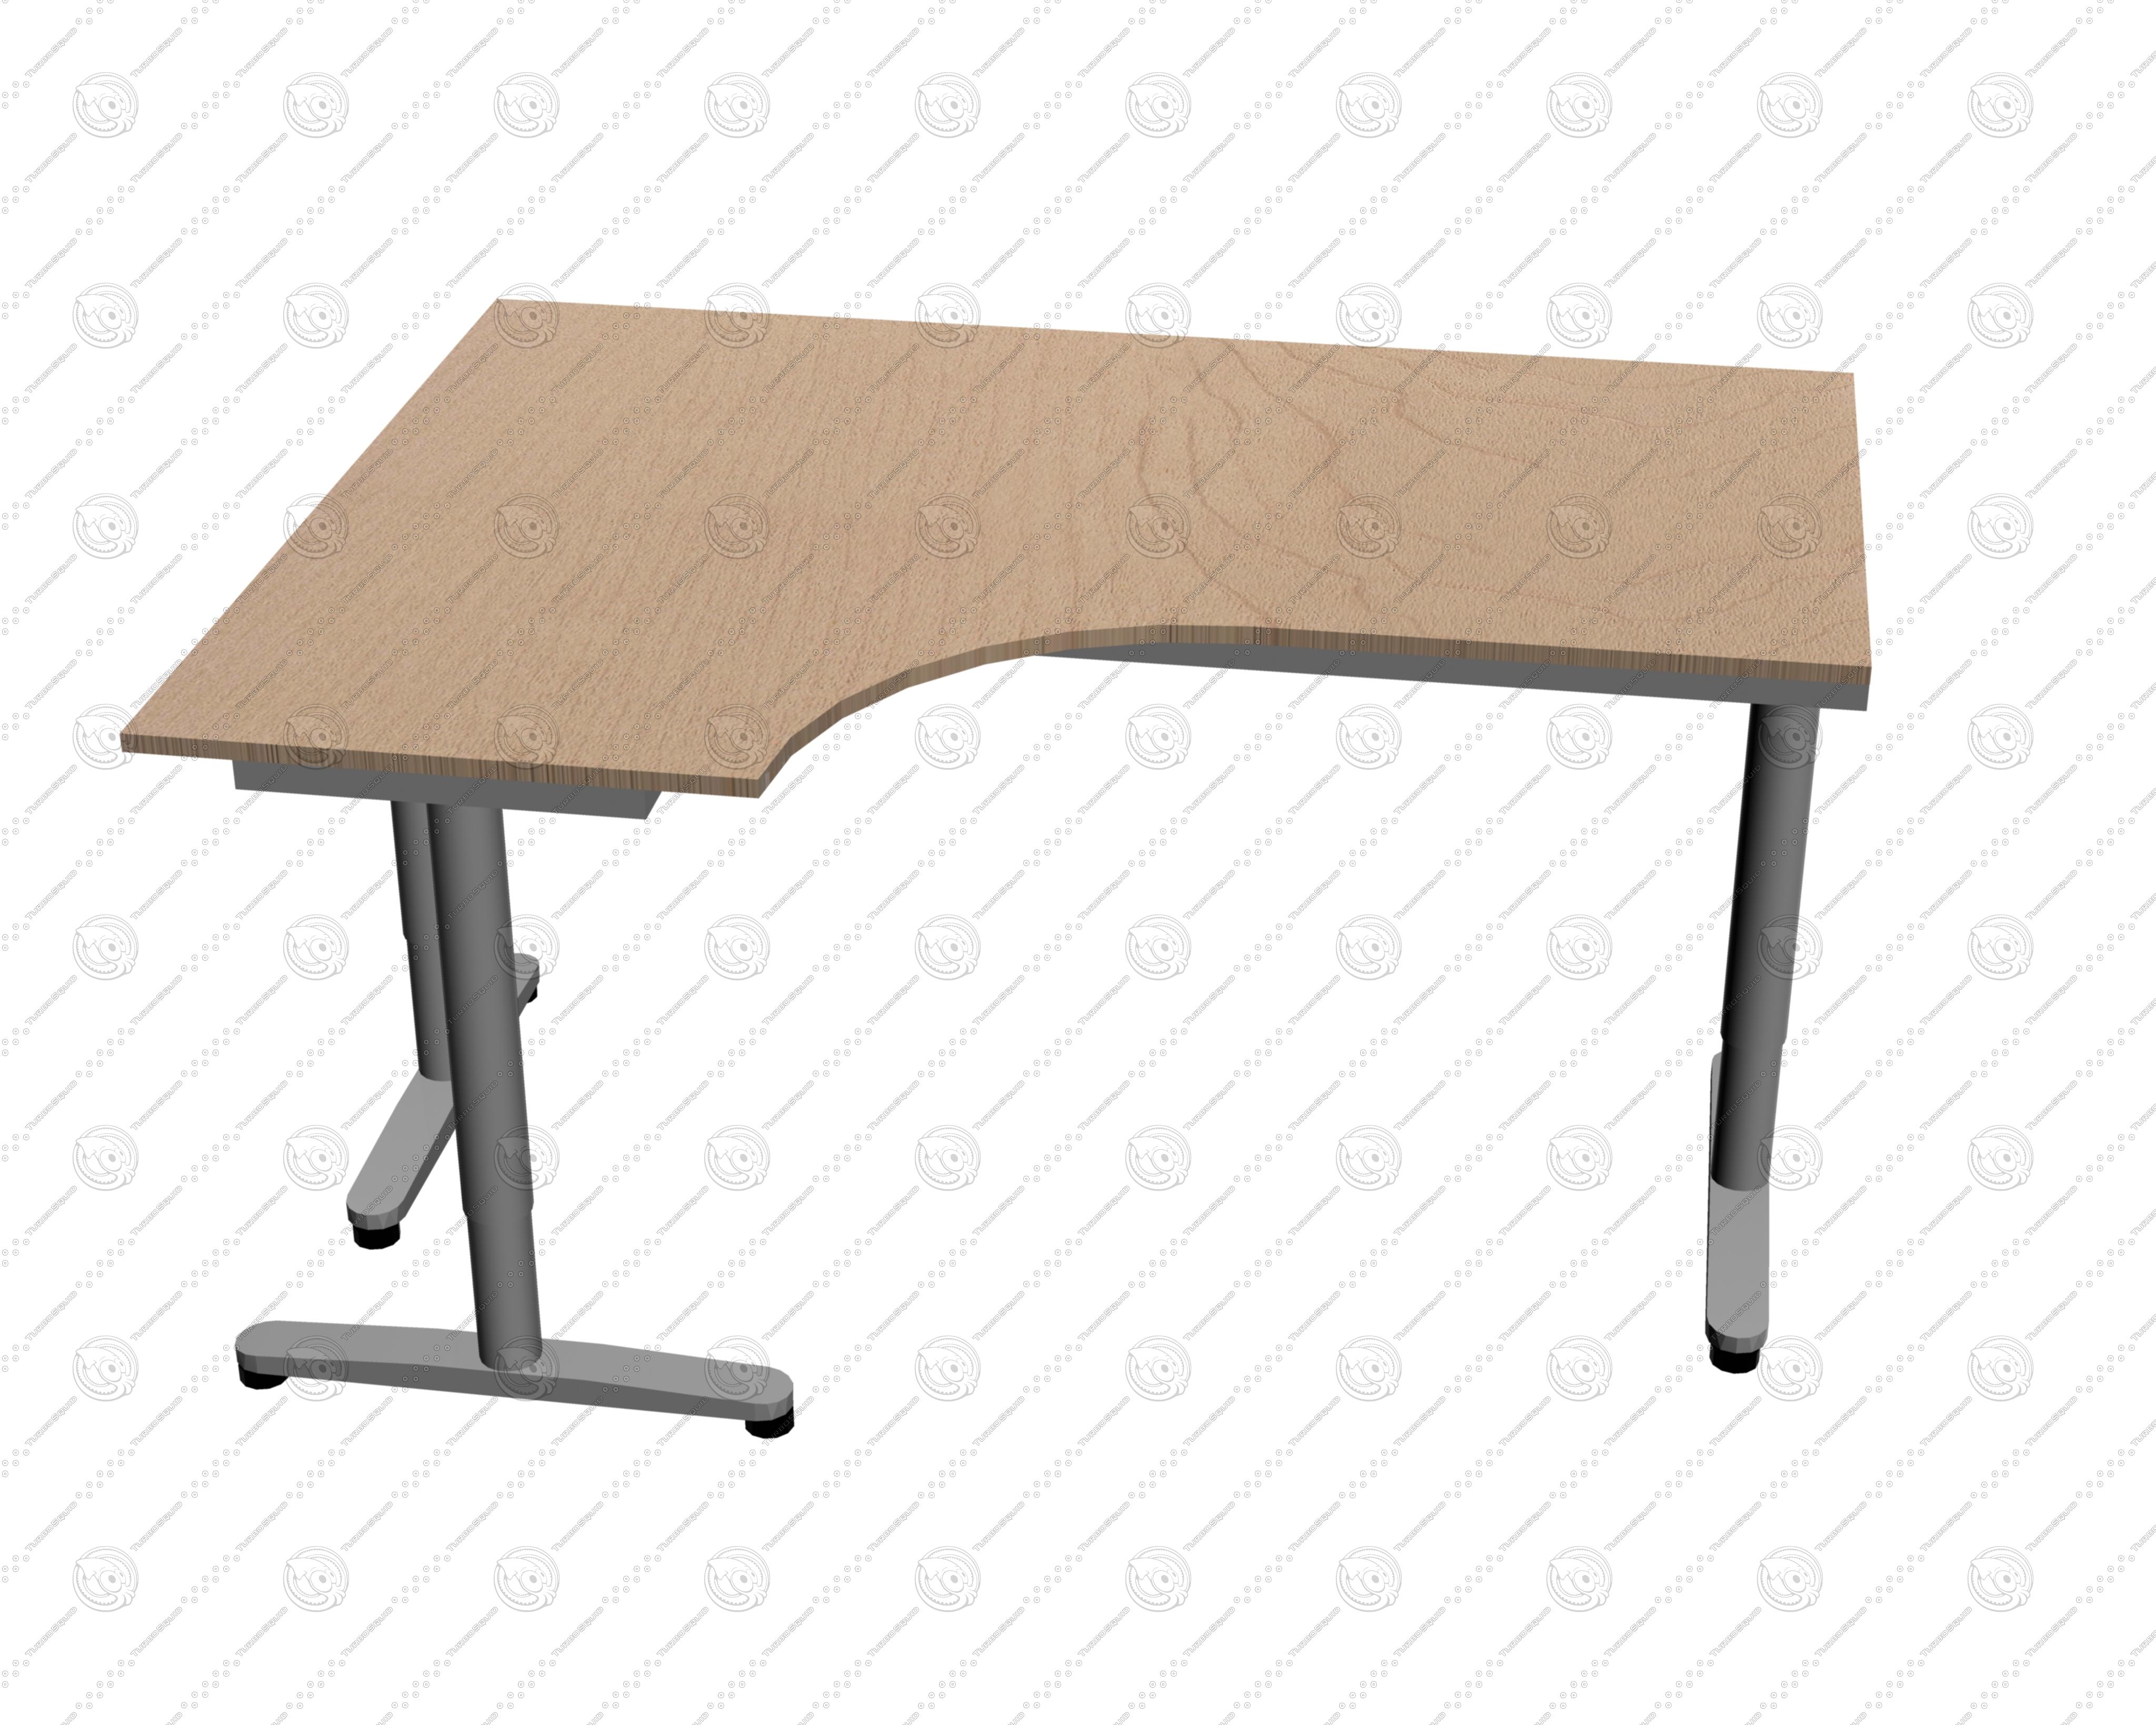 Galant Schreibtisch Ikea 2021